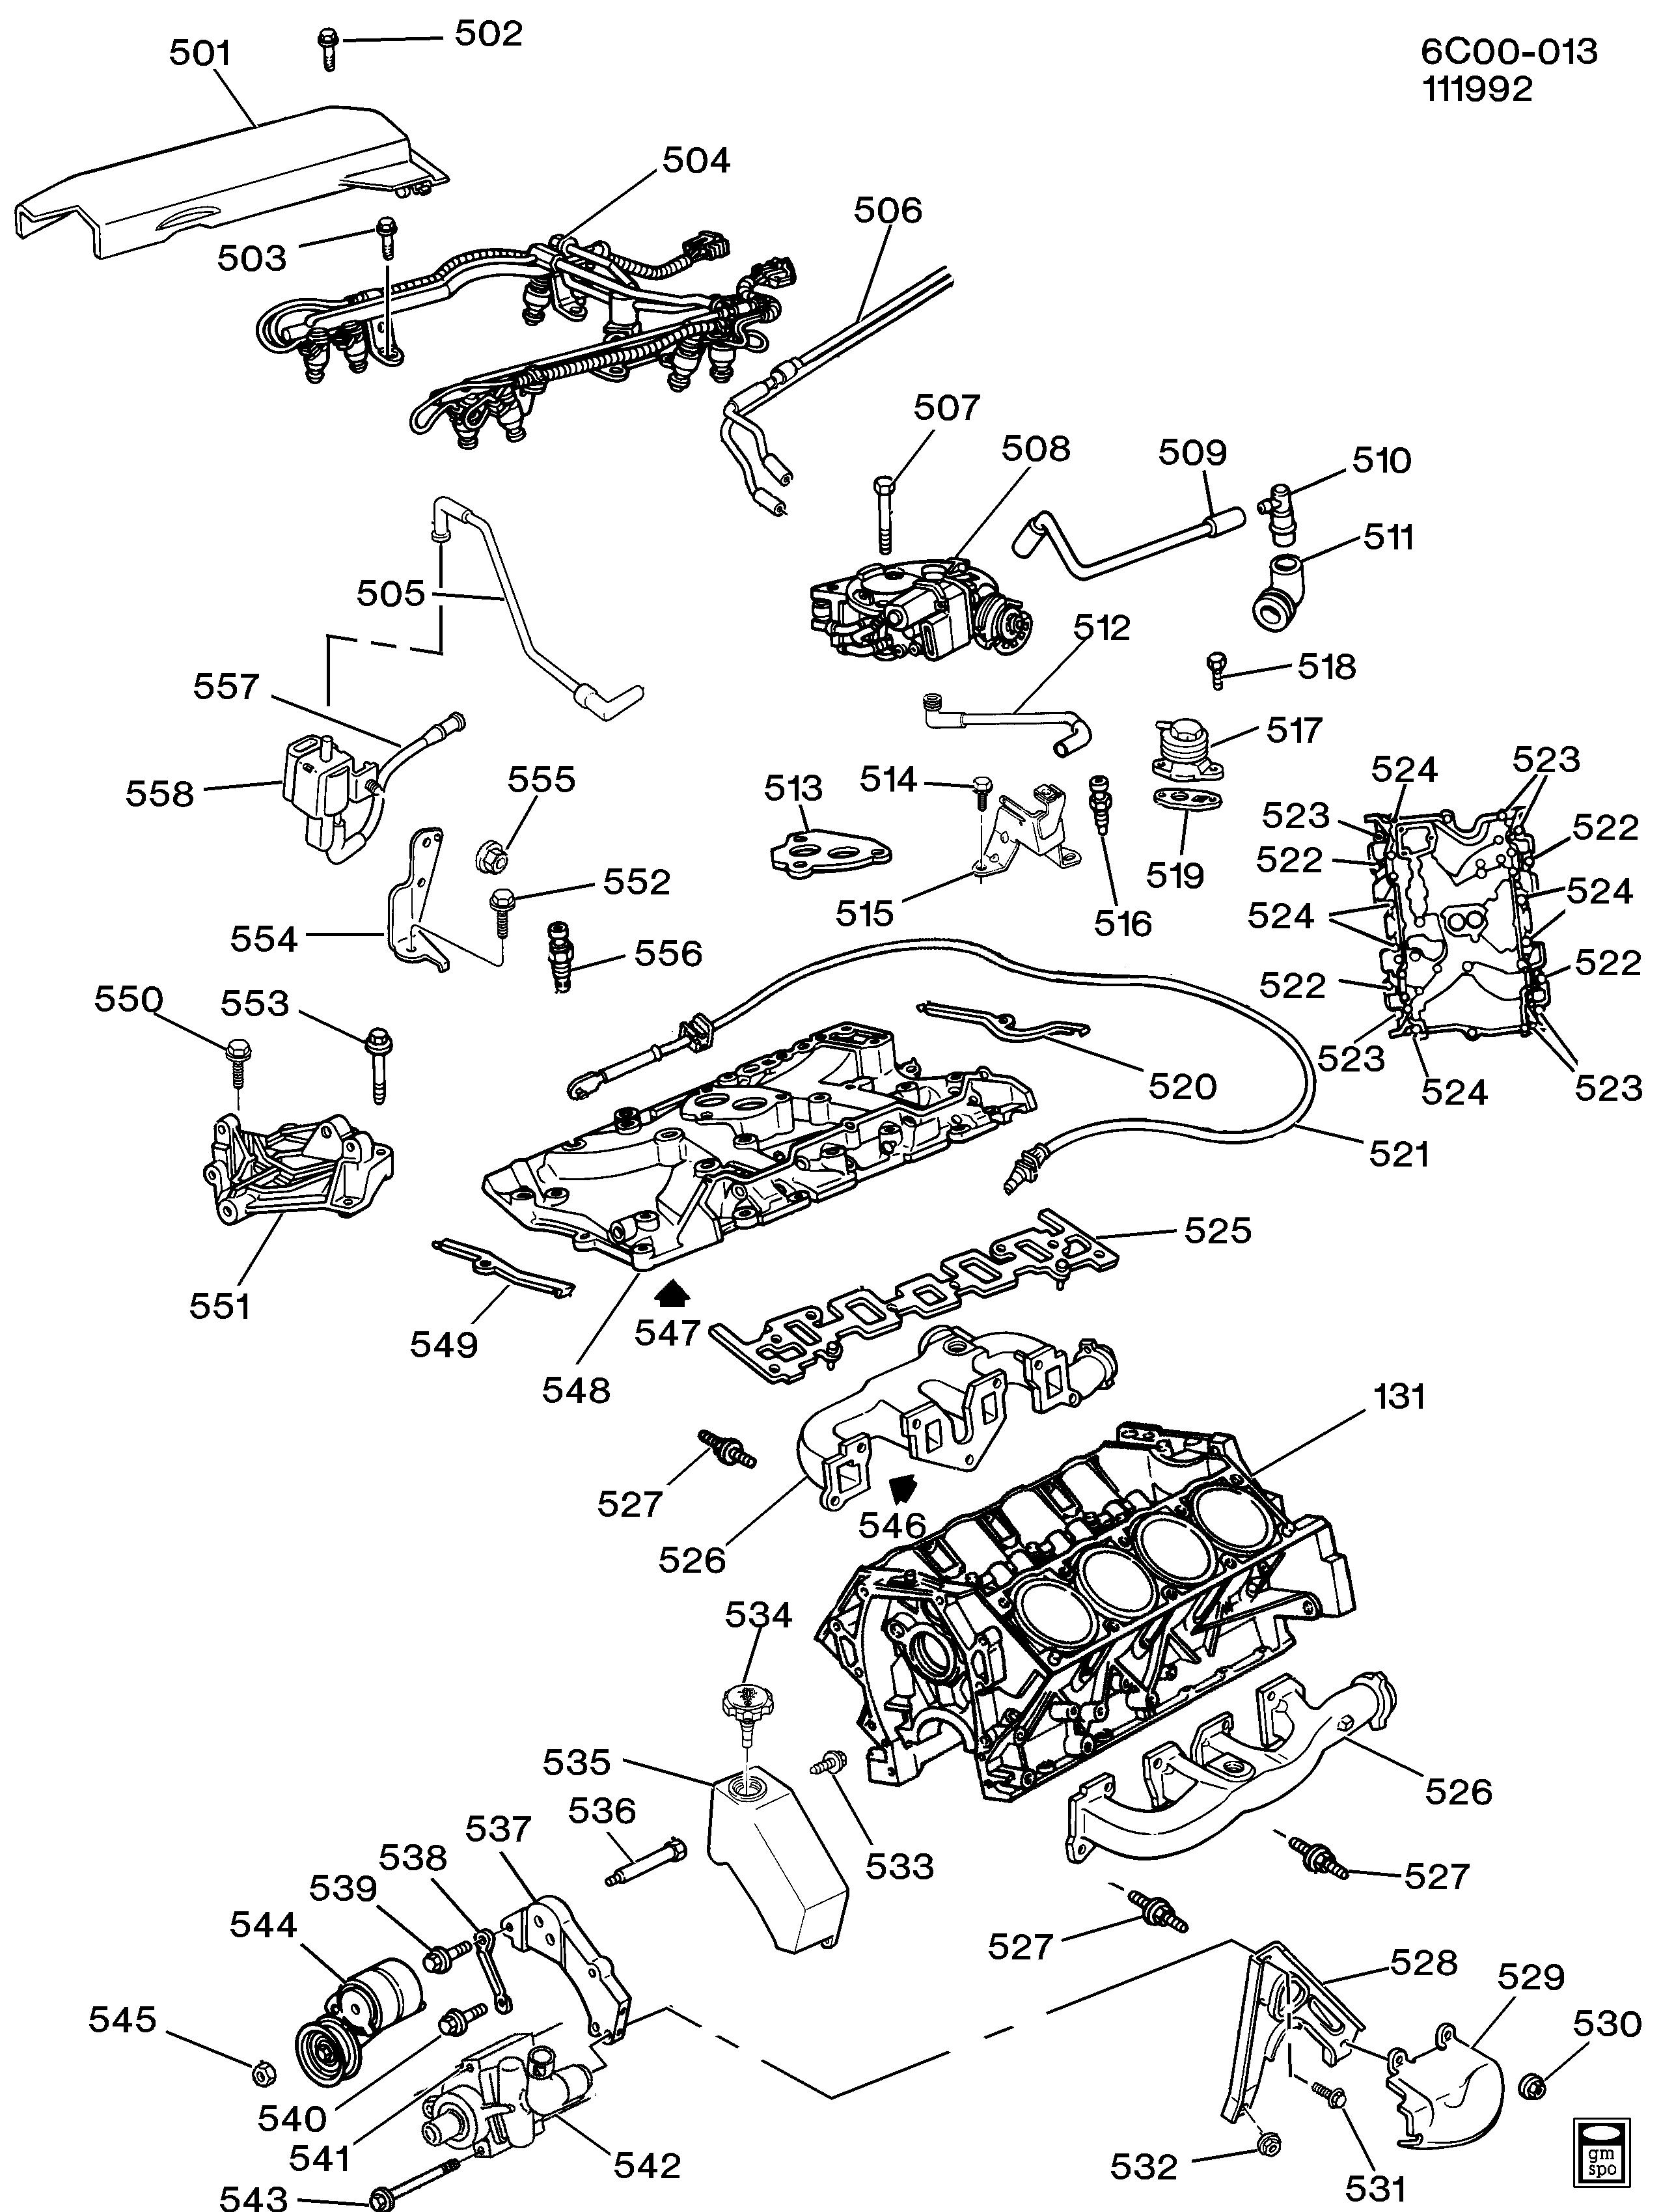 cadillac deville - c engine asm-4.9l v8 part 5 manifolds & related parts  (l26/4.9b) > epc online > nemiga.com  parts catalogs